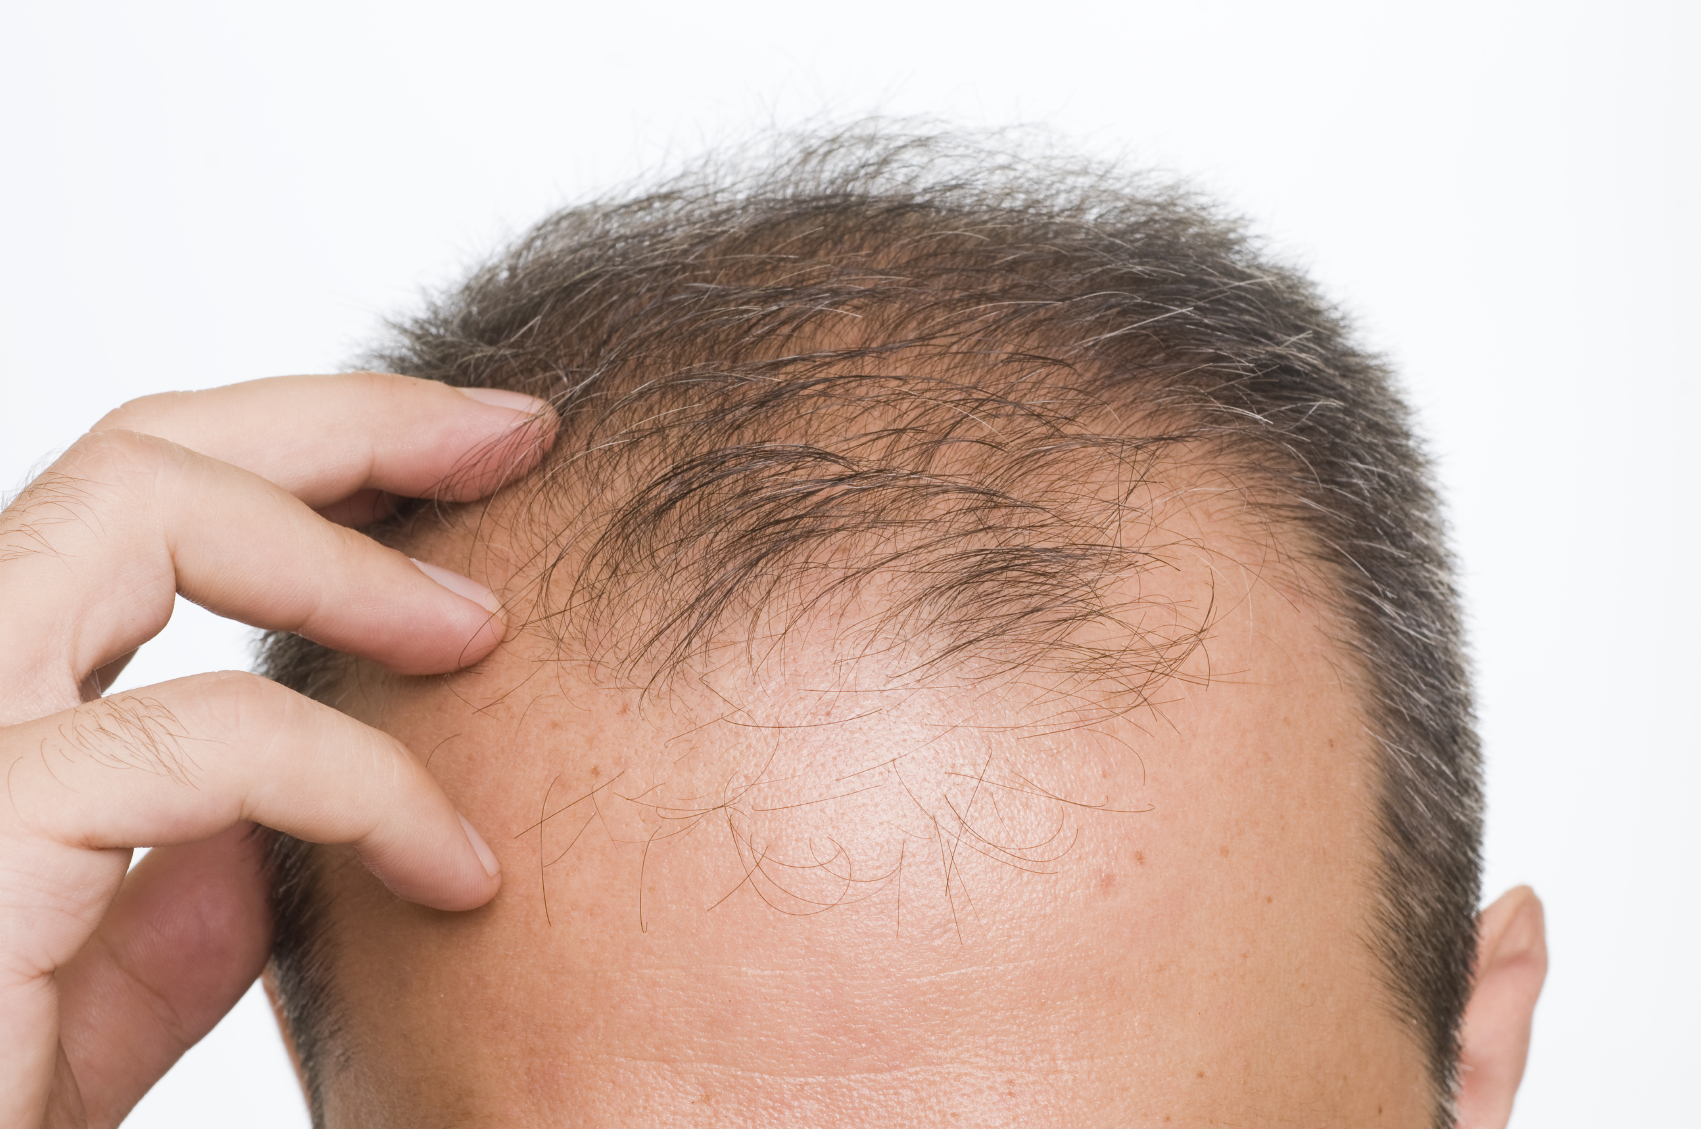 Le masque stimulant la croissance des cheveu